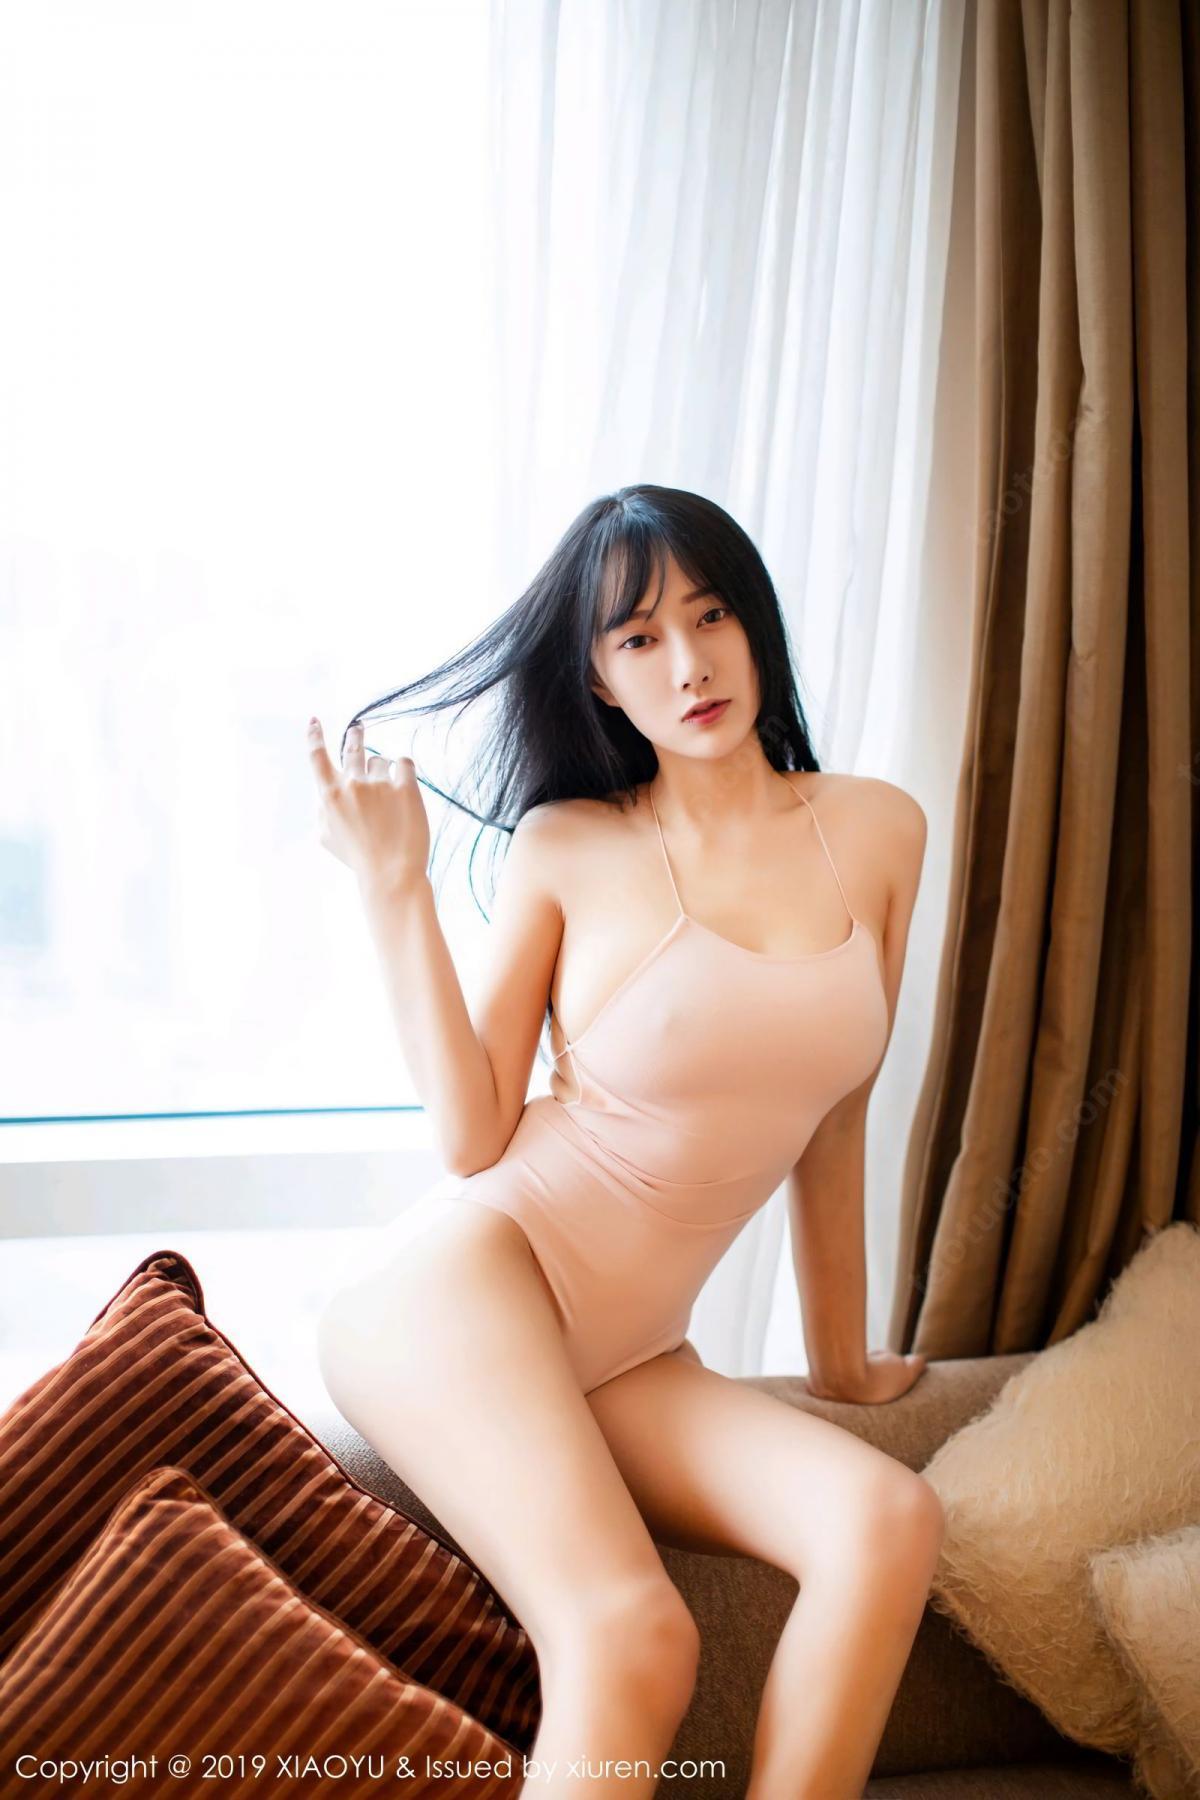 [XiaoYu] Vol.097 He Jia Ying 21P, He Jia Ying, Tall, XiaoYu